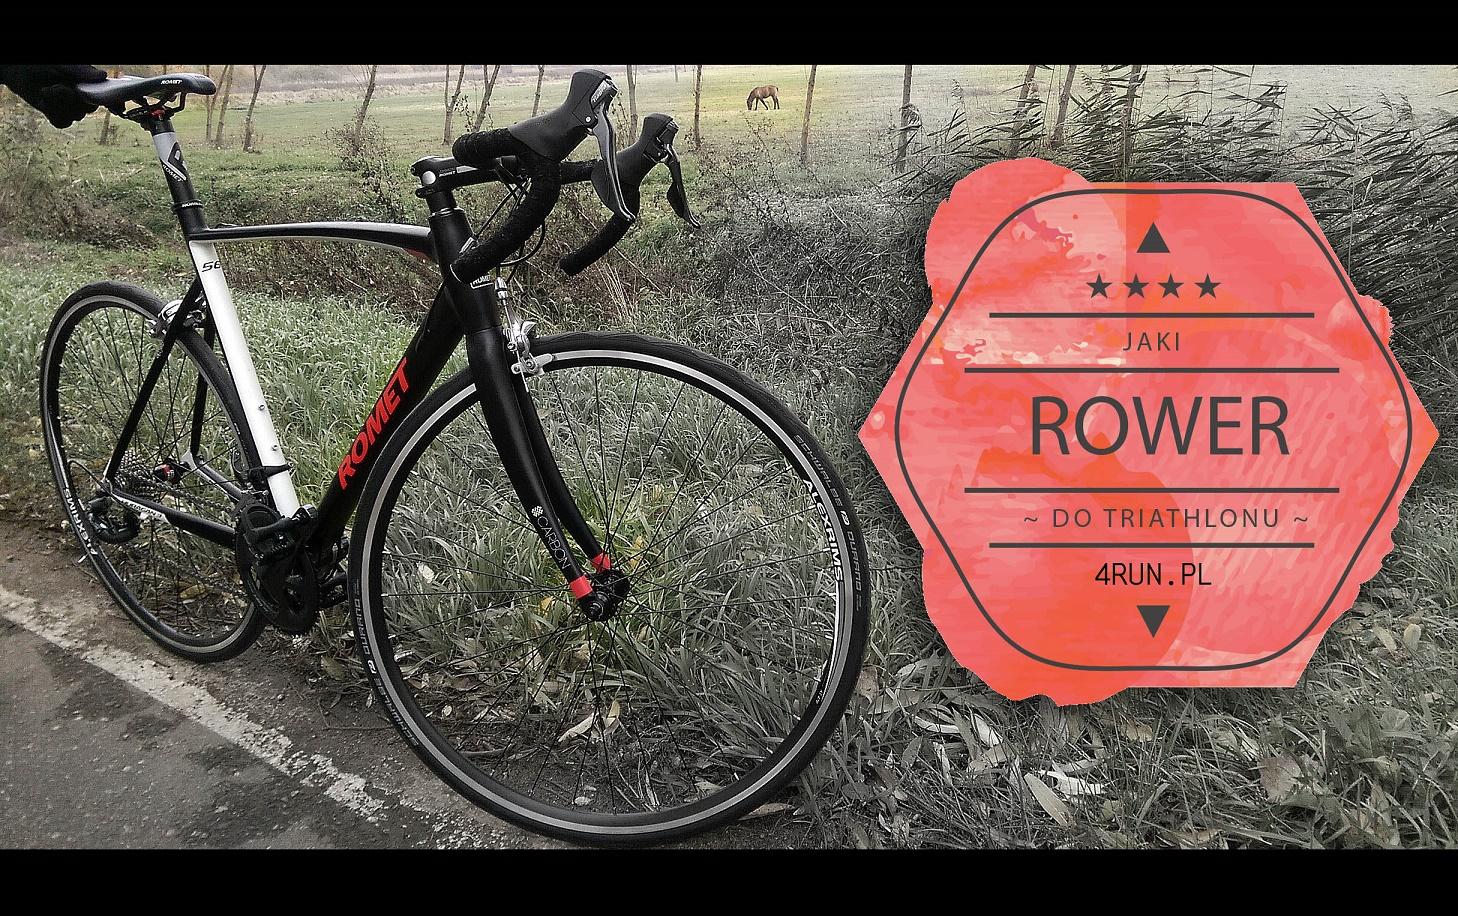 Jaki rower szosowy do triathlonu wybrać